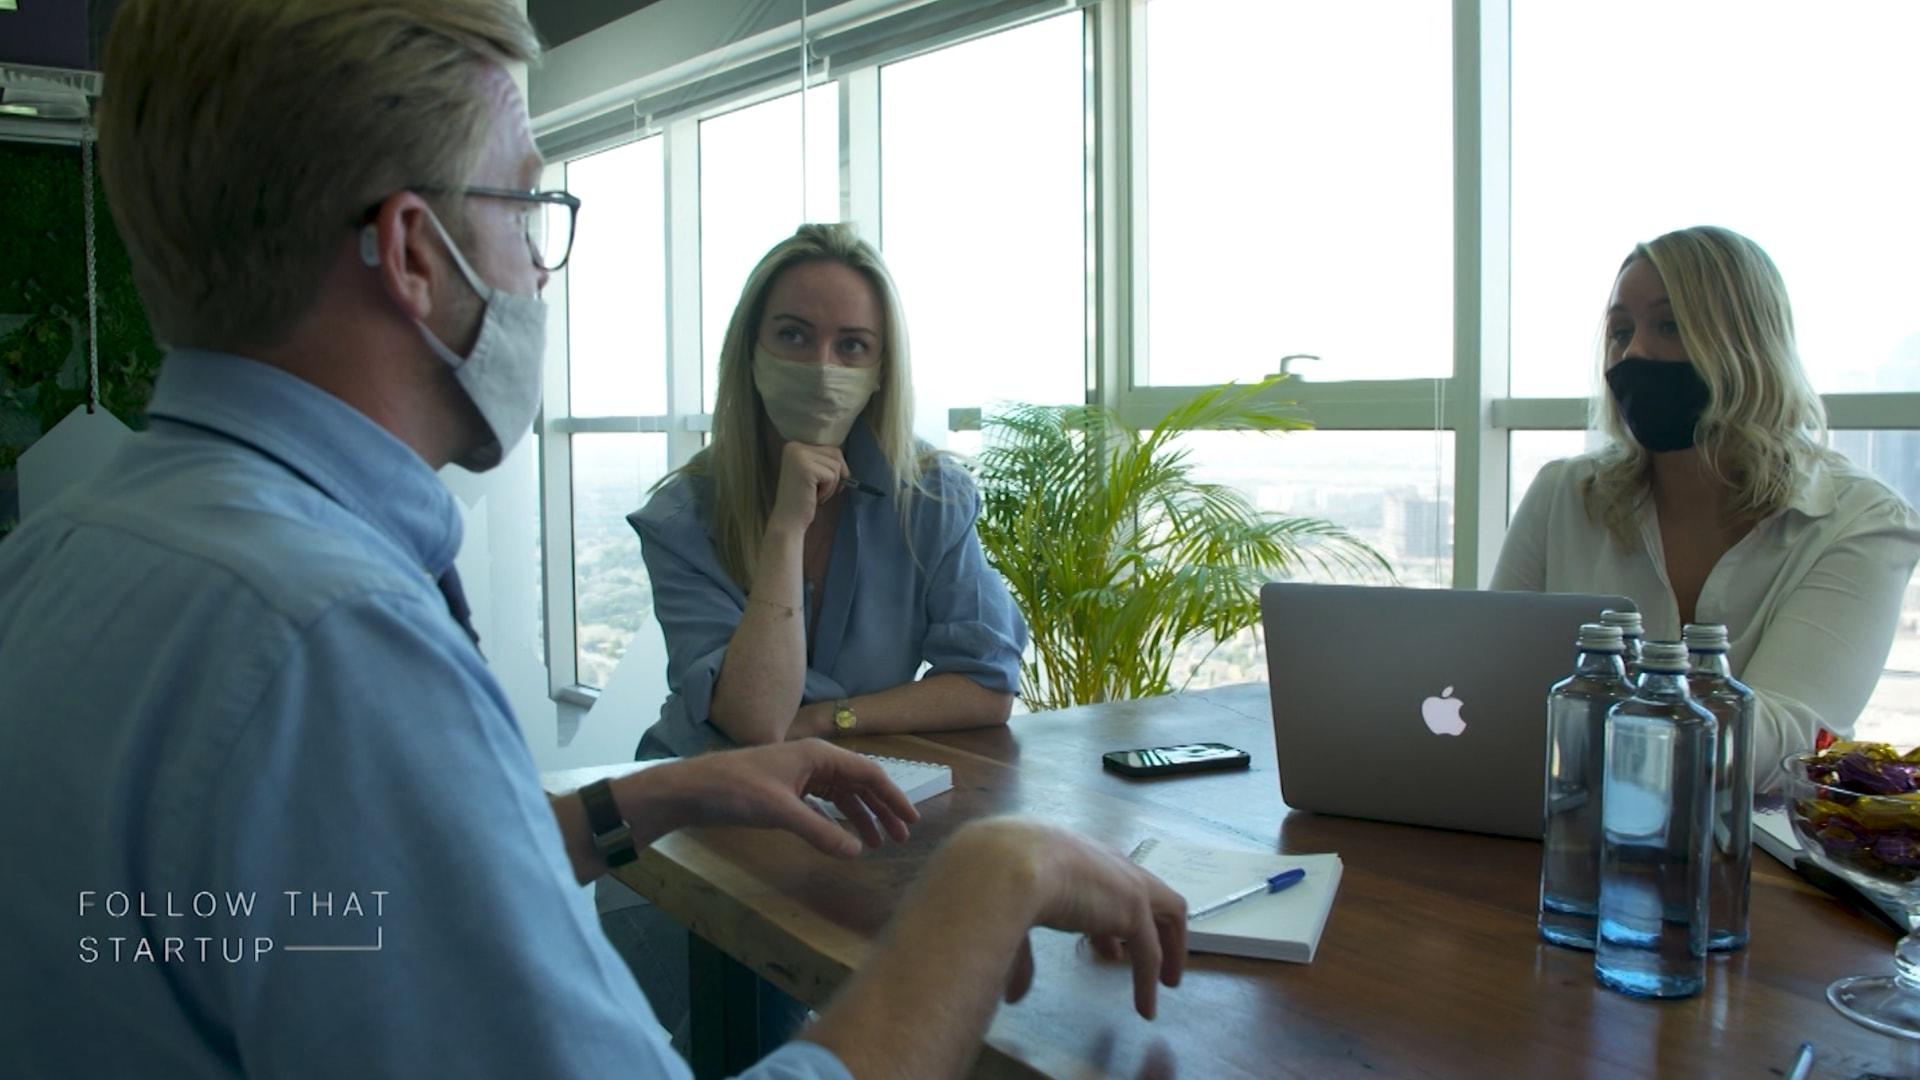 """رواد أعمال يتحدثون عن إنشاء شركاتهم الخاصة: أفضل """"جنون"""" يمكنك فعله"""